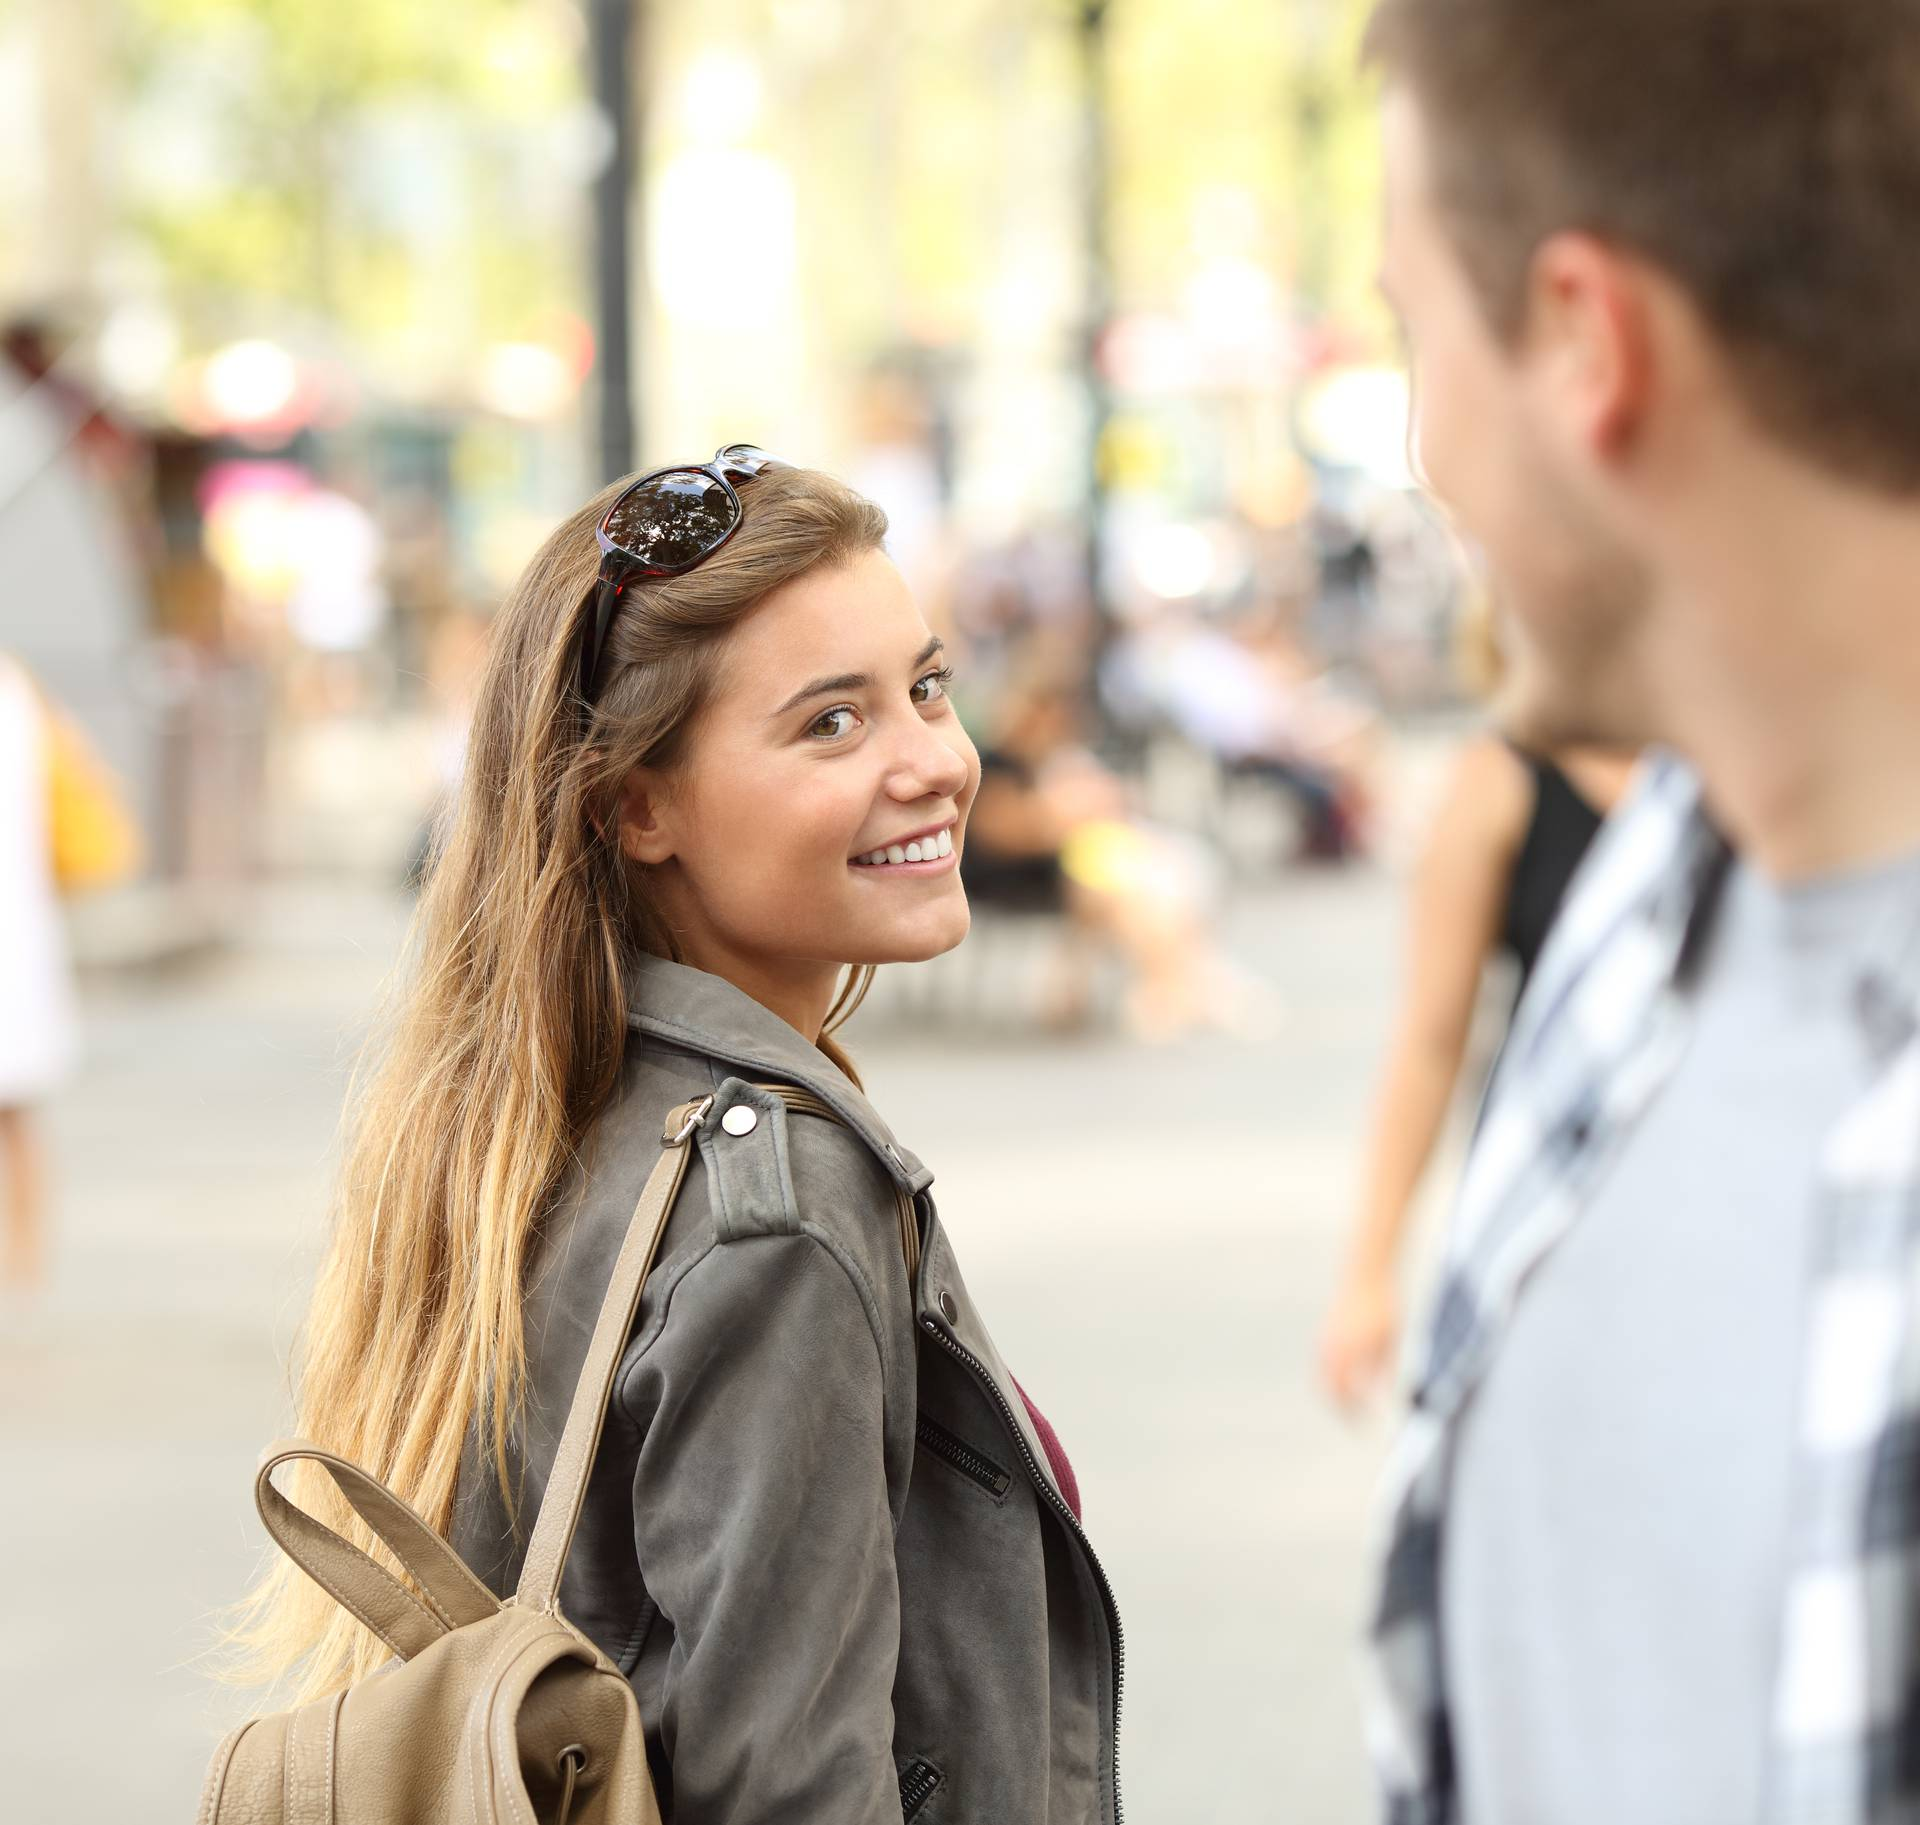 Nije sve u izgledu: Zašto smo nekim ljudima jako privlačni?